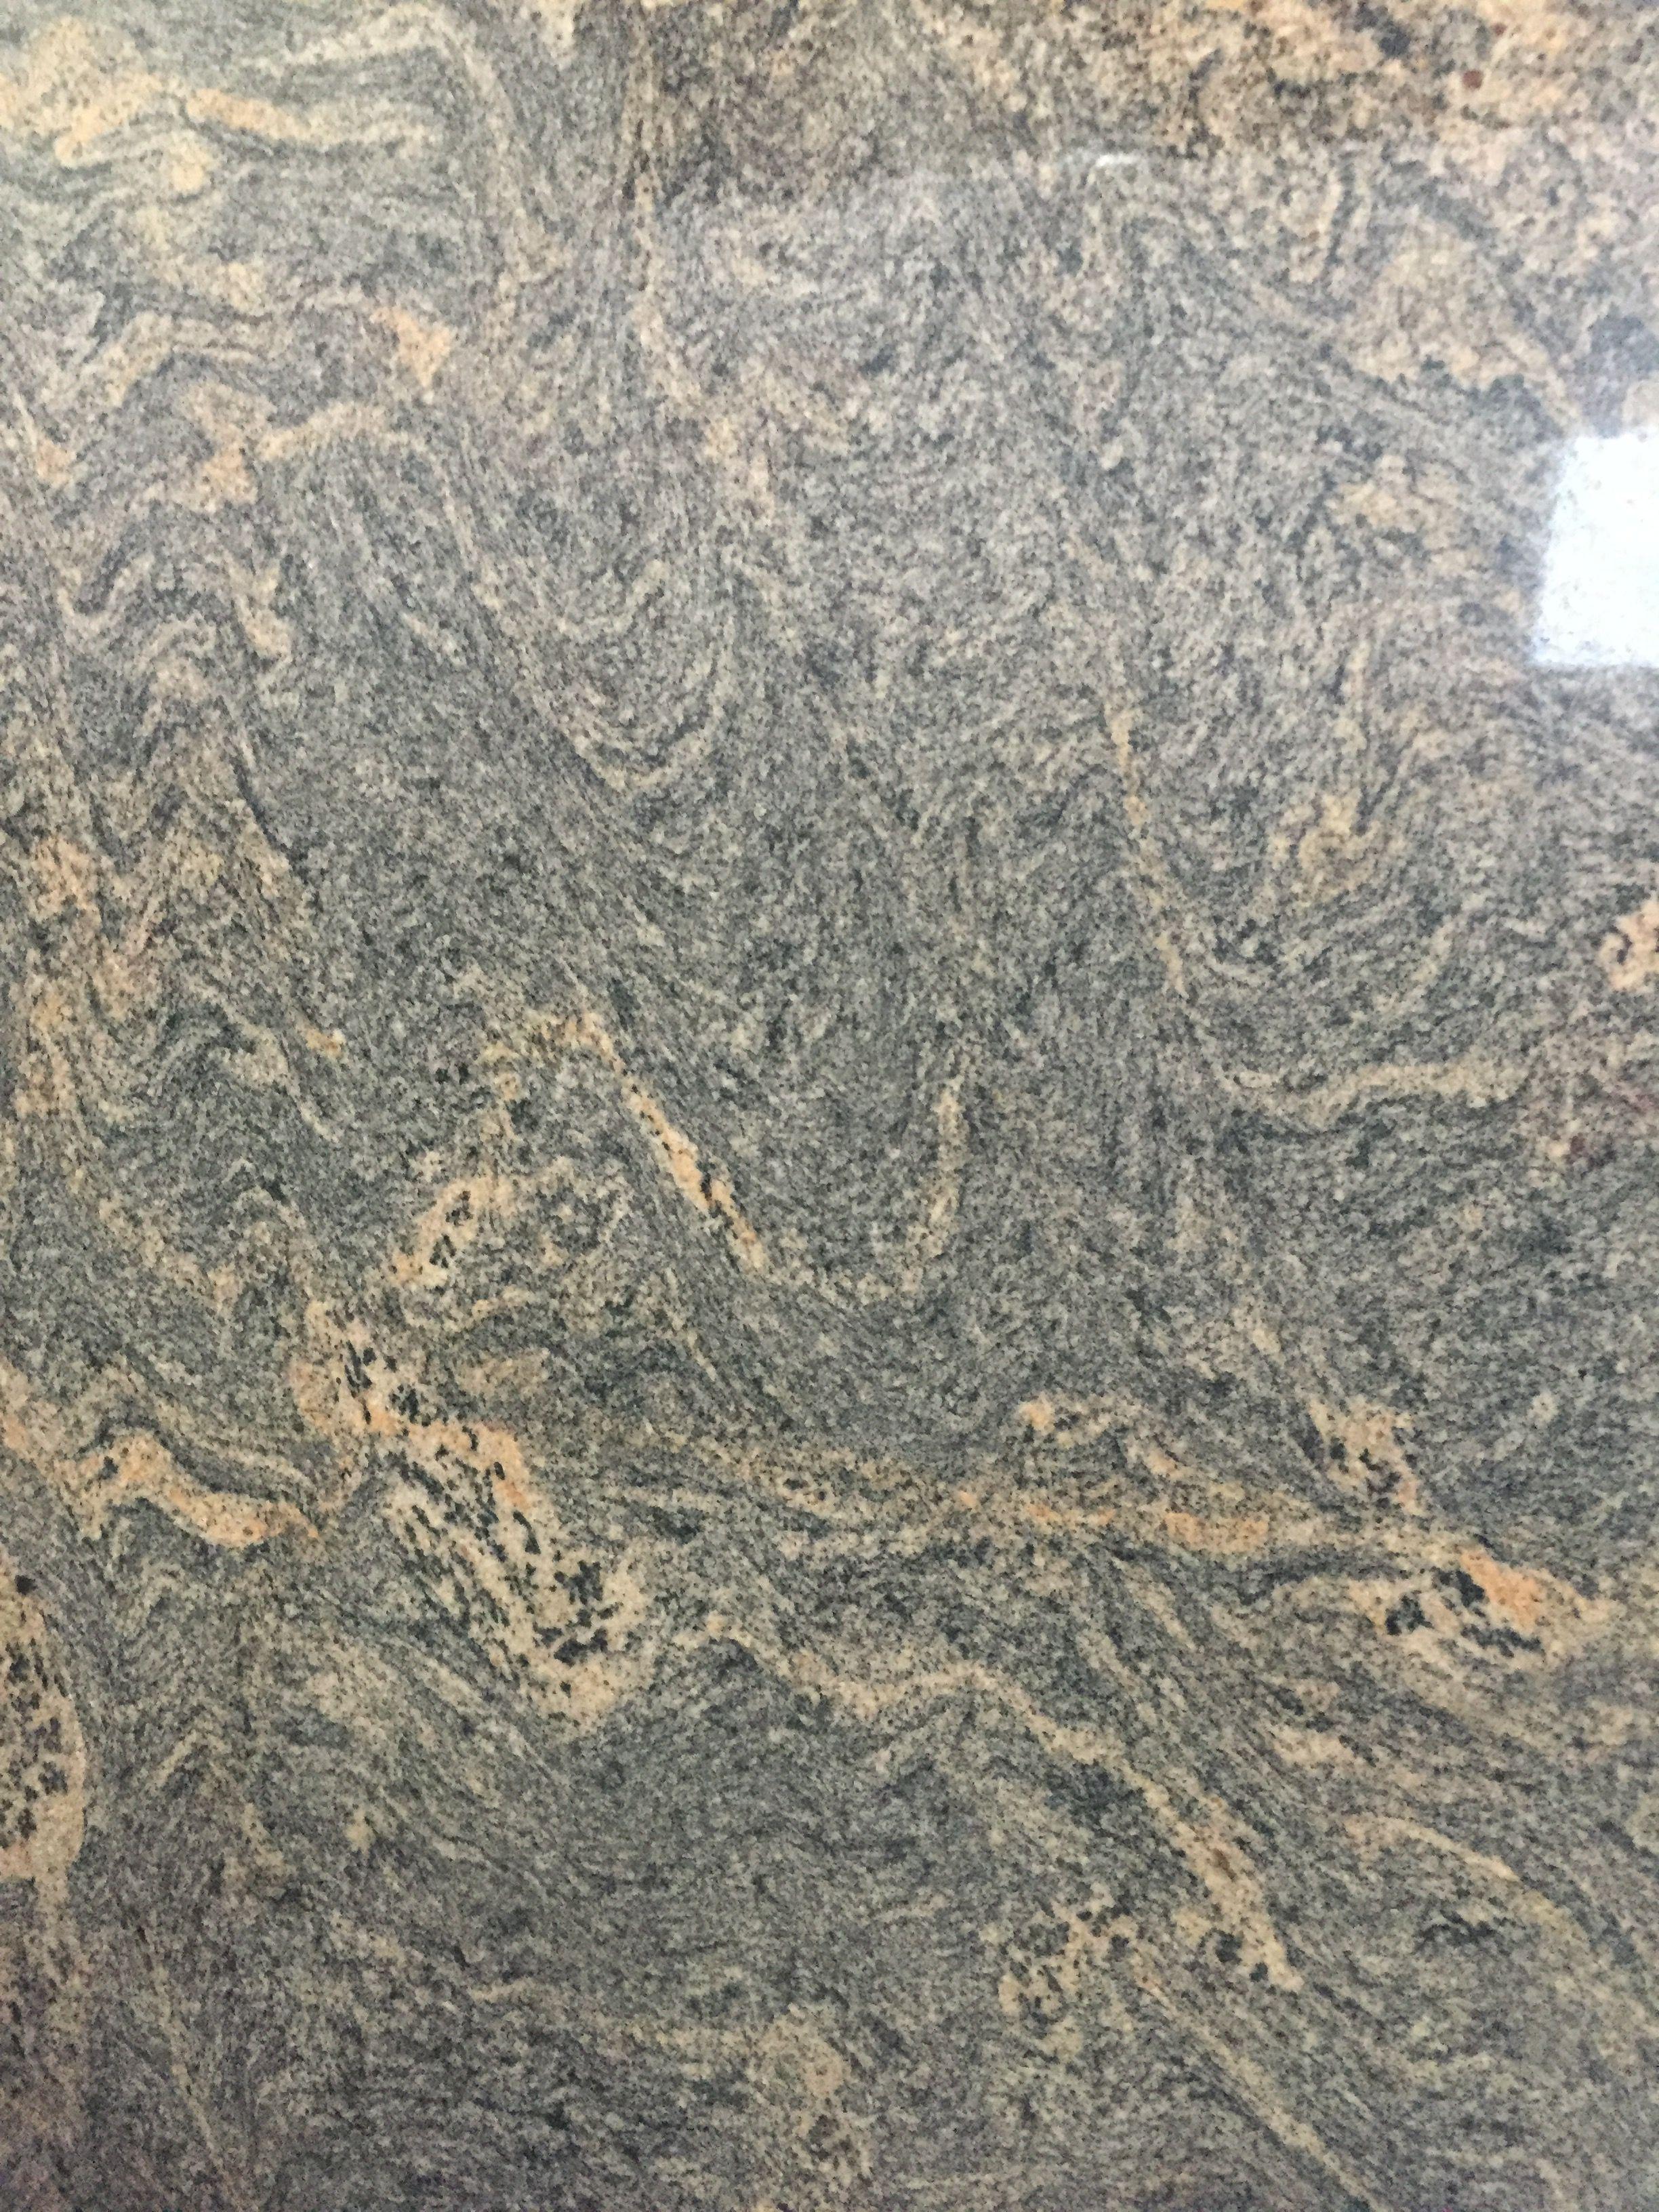 Paradiso Bash Granite #countertop #countertops #granitecountertops #marblecountertops #naturalstone #bathroomdesign #bathdesign #bathroomdesigners #kitchendesign #goodfellasgranitellc